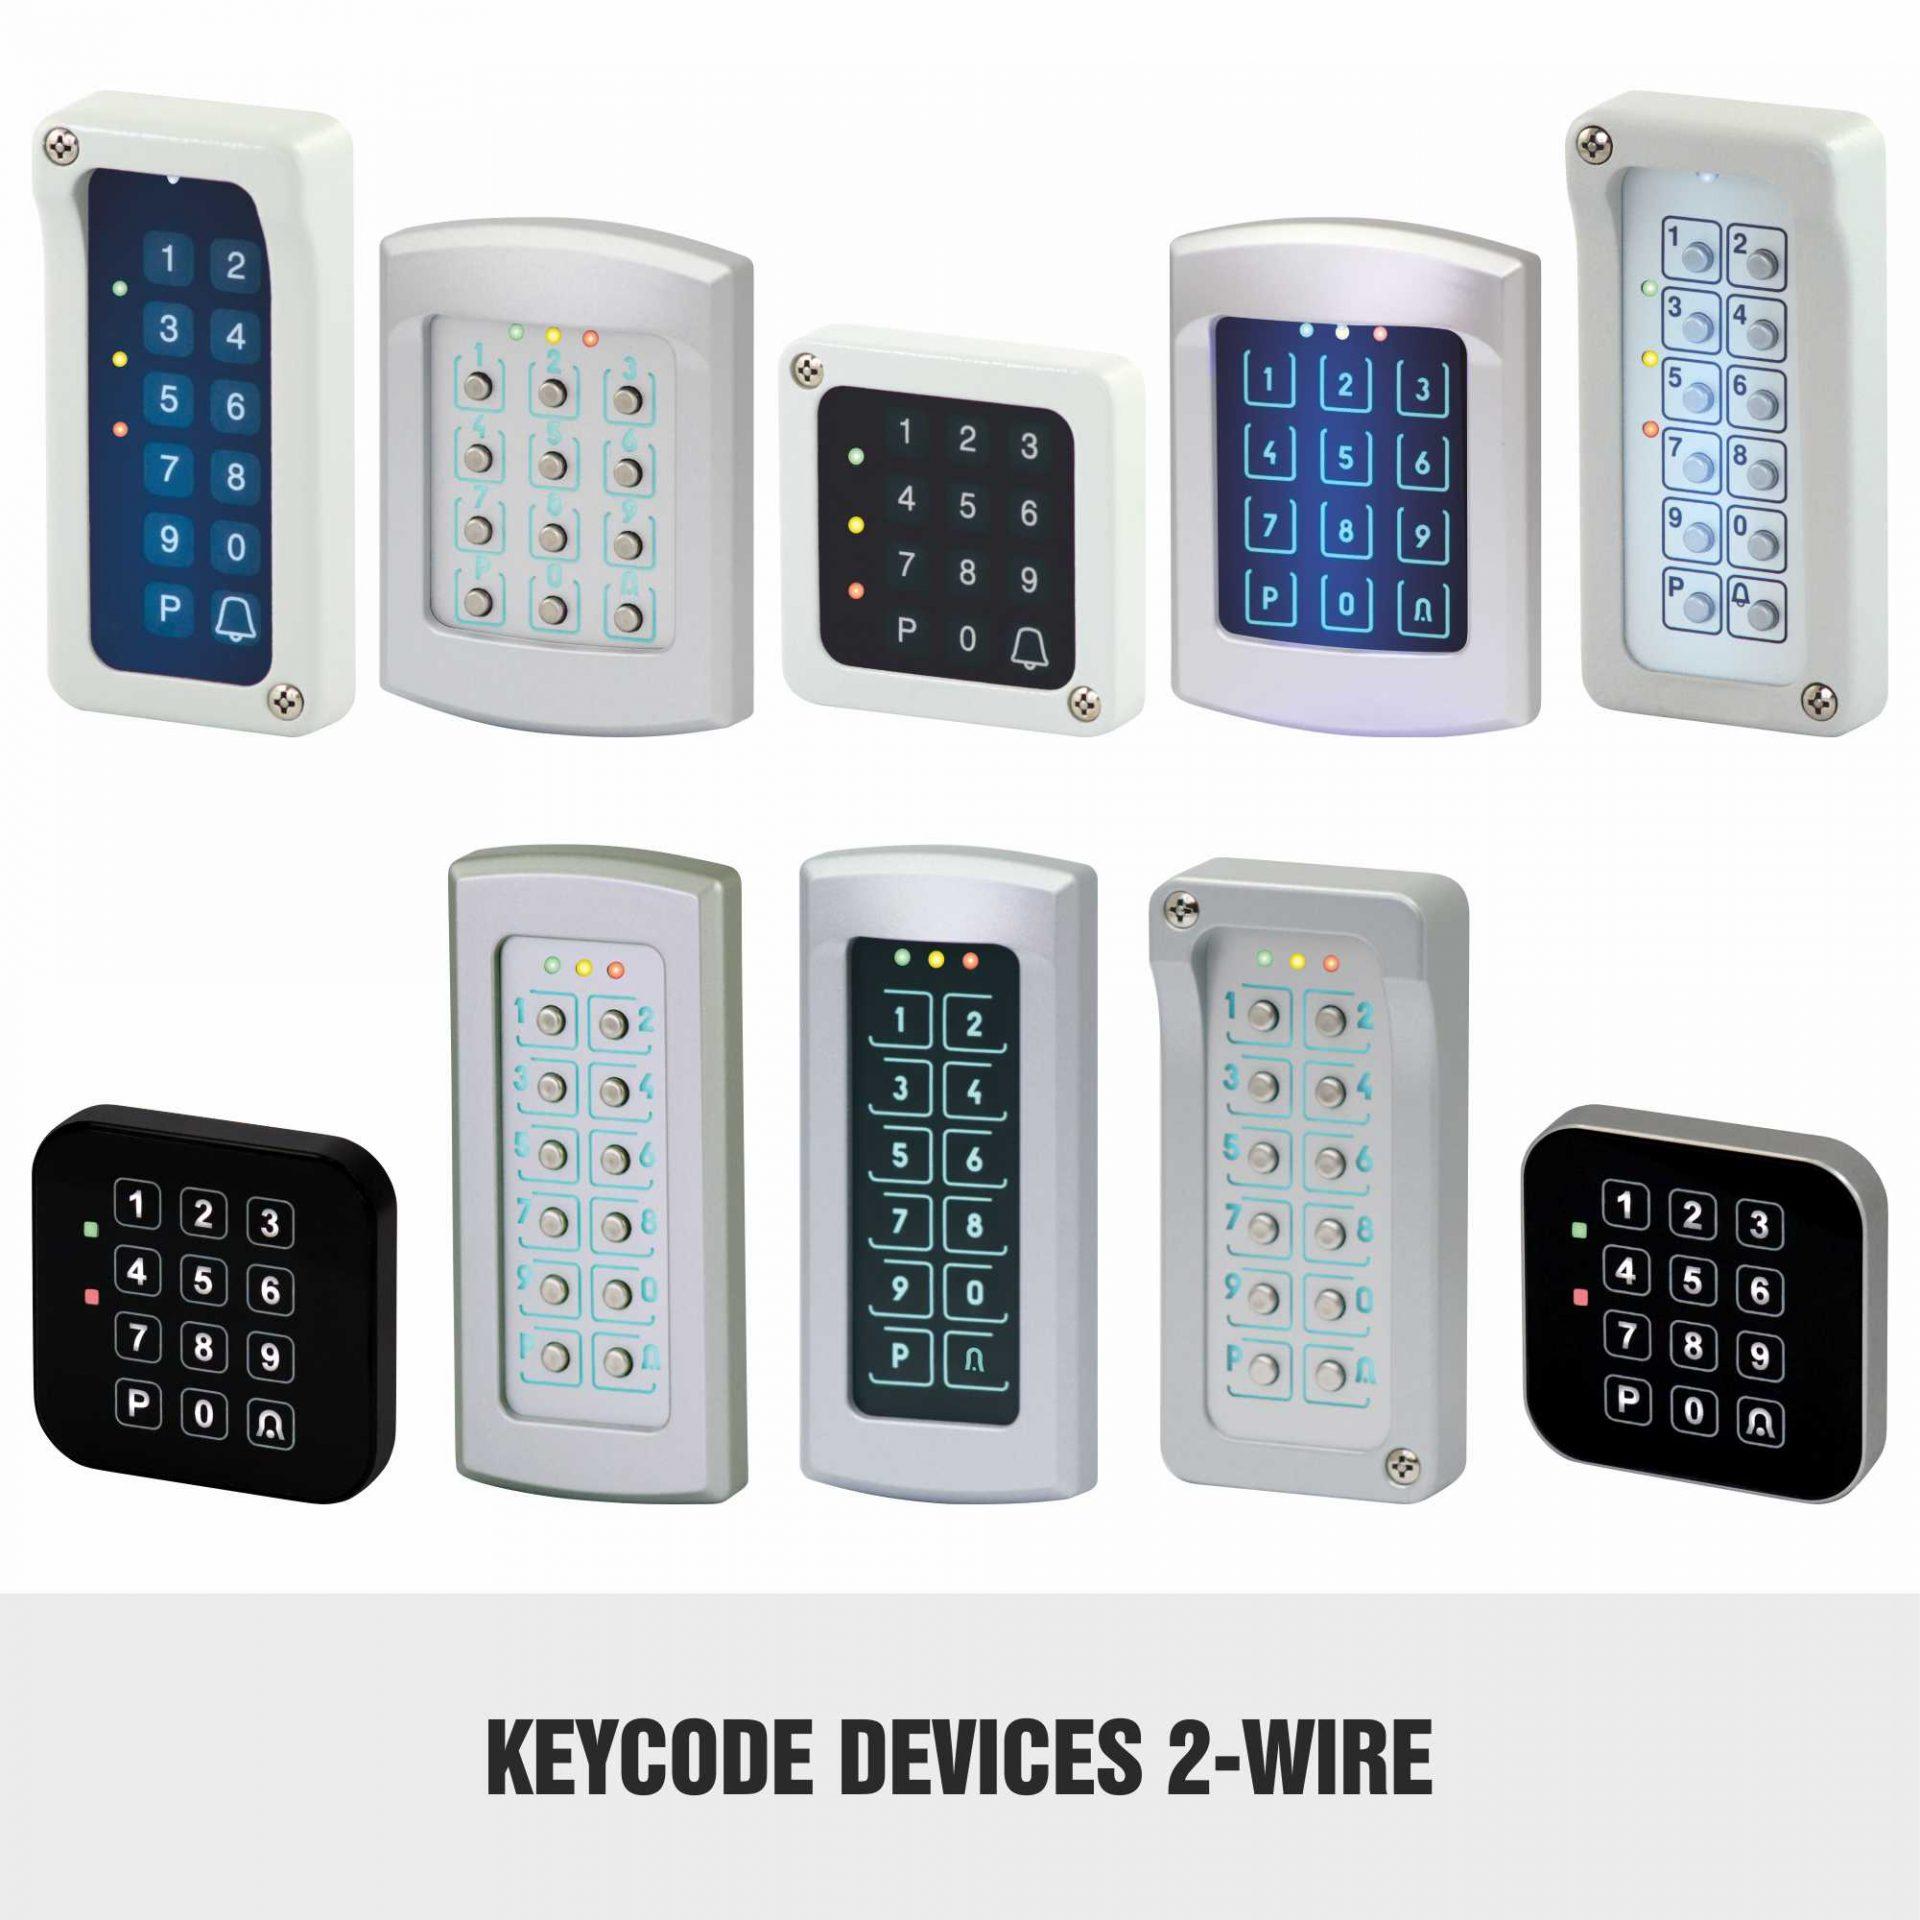 Keycode Keyboard Keypad